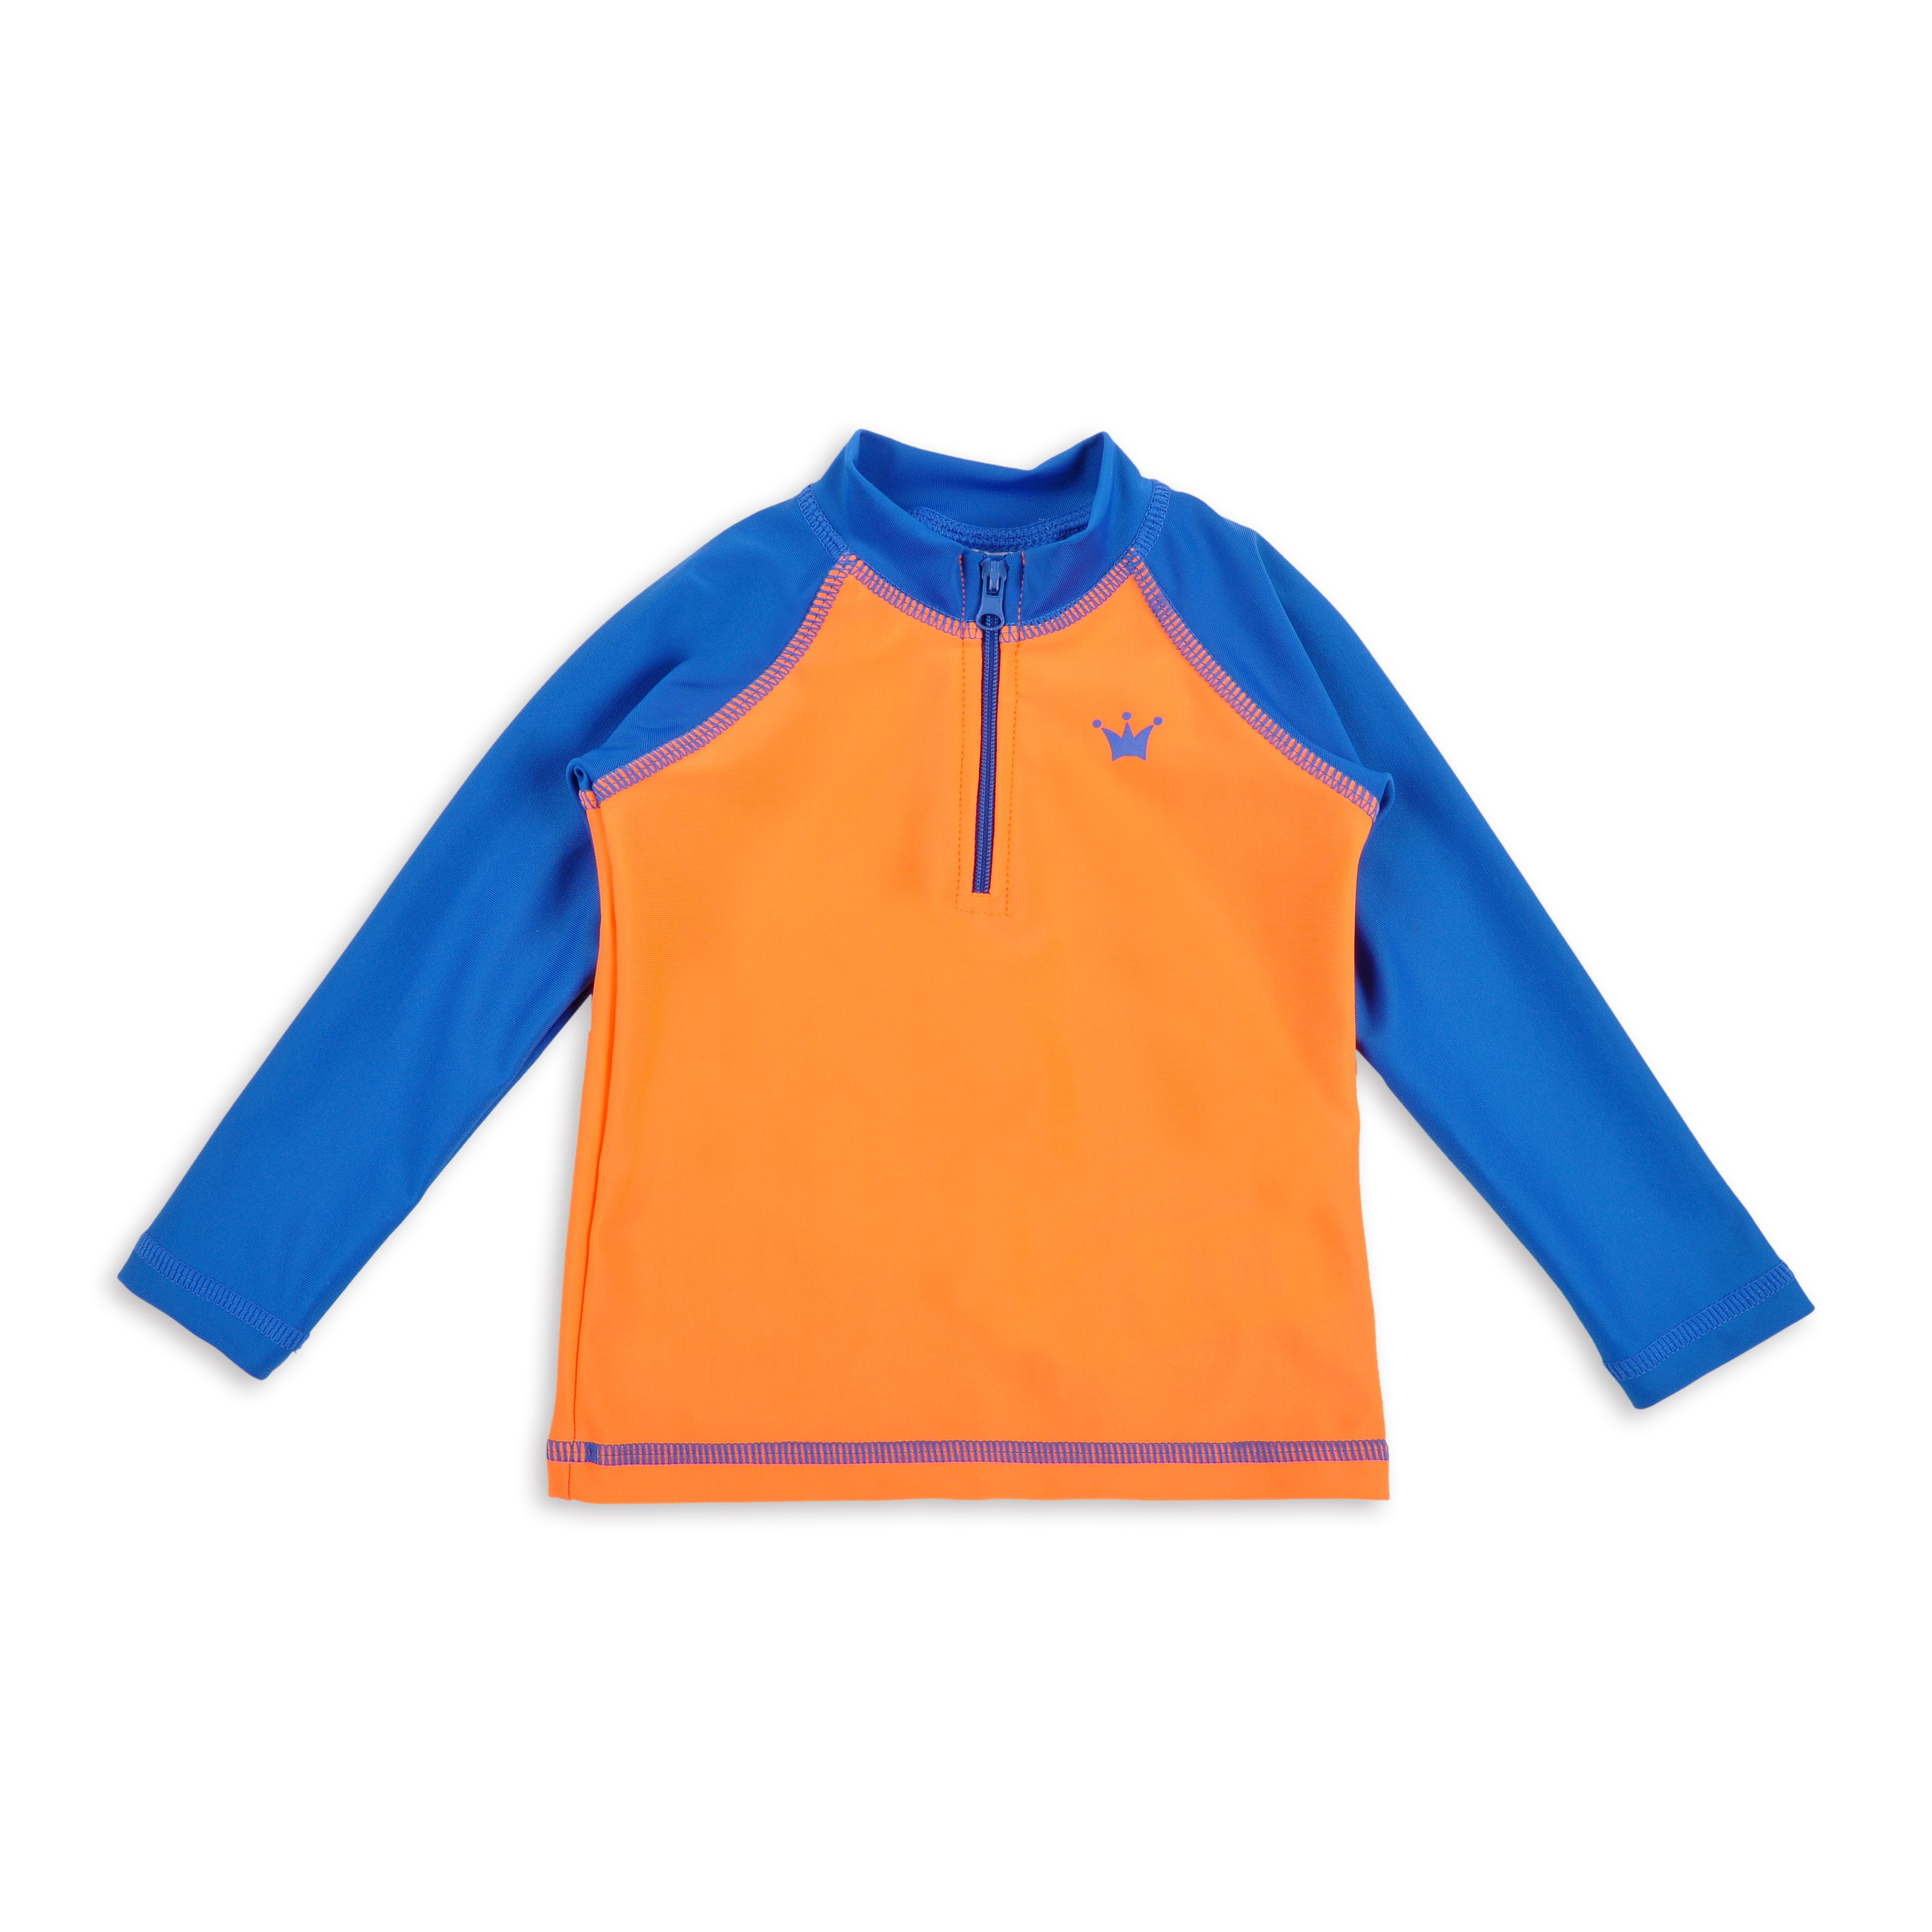 c0b0cab128 Franela EPK de agua para niño color anaranjado neón con detalles en azul